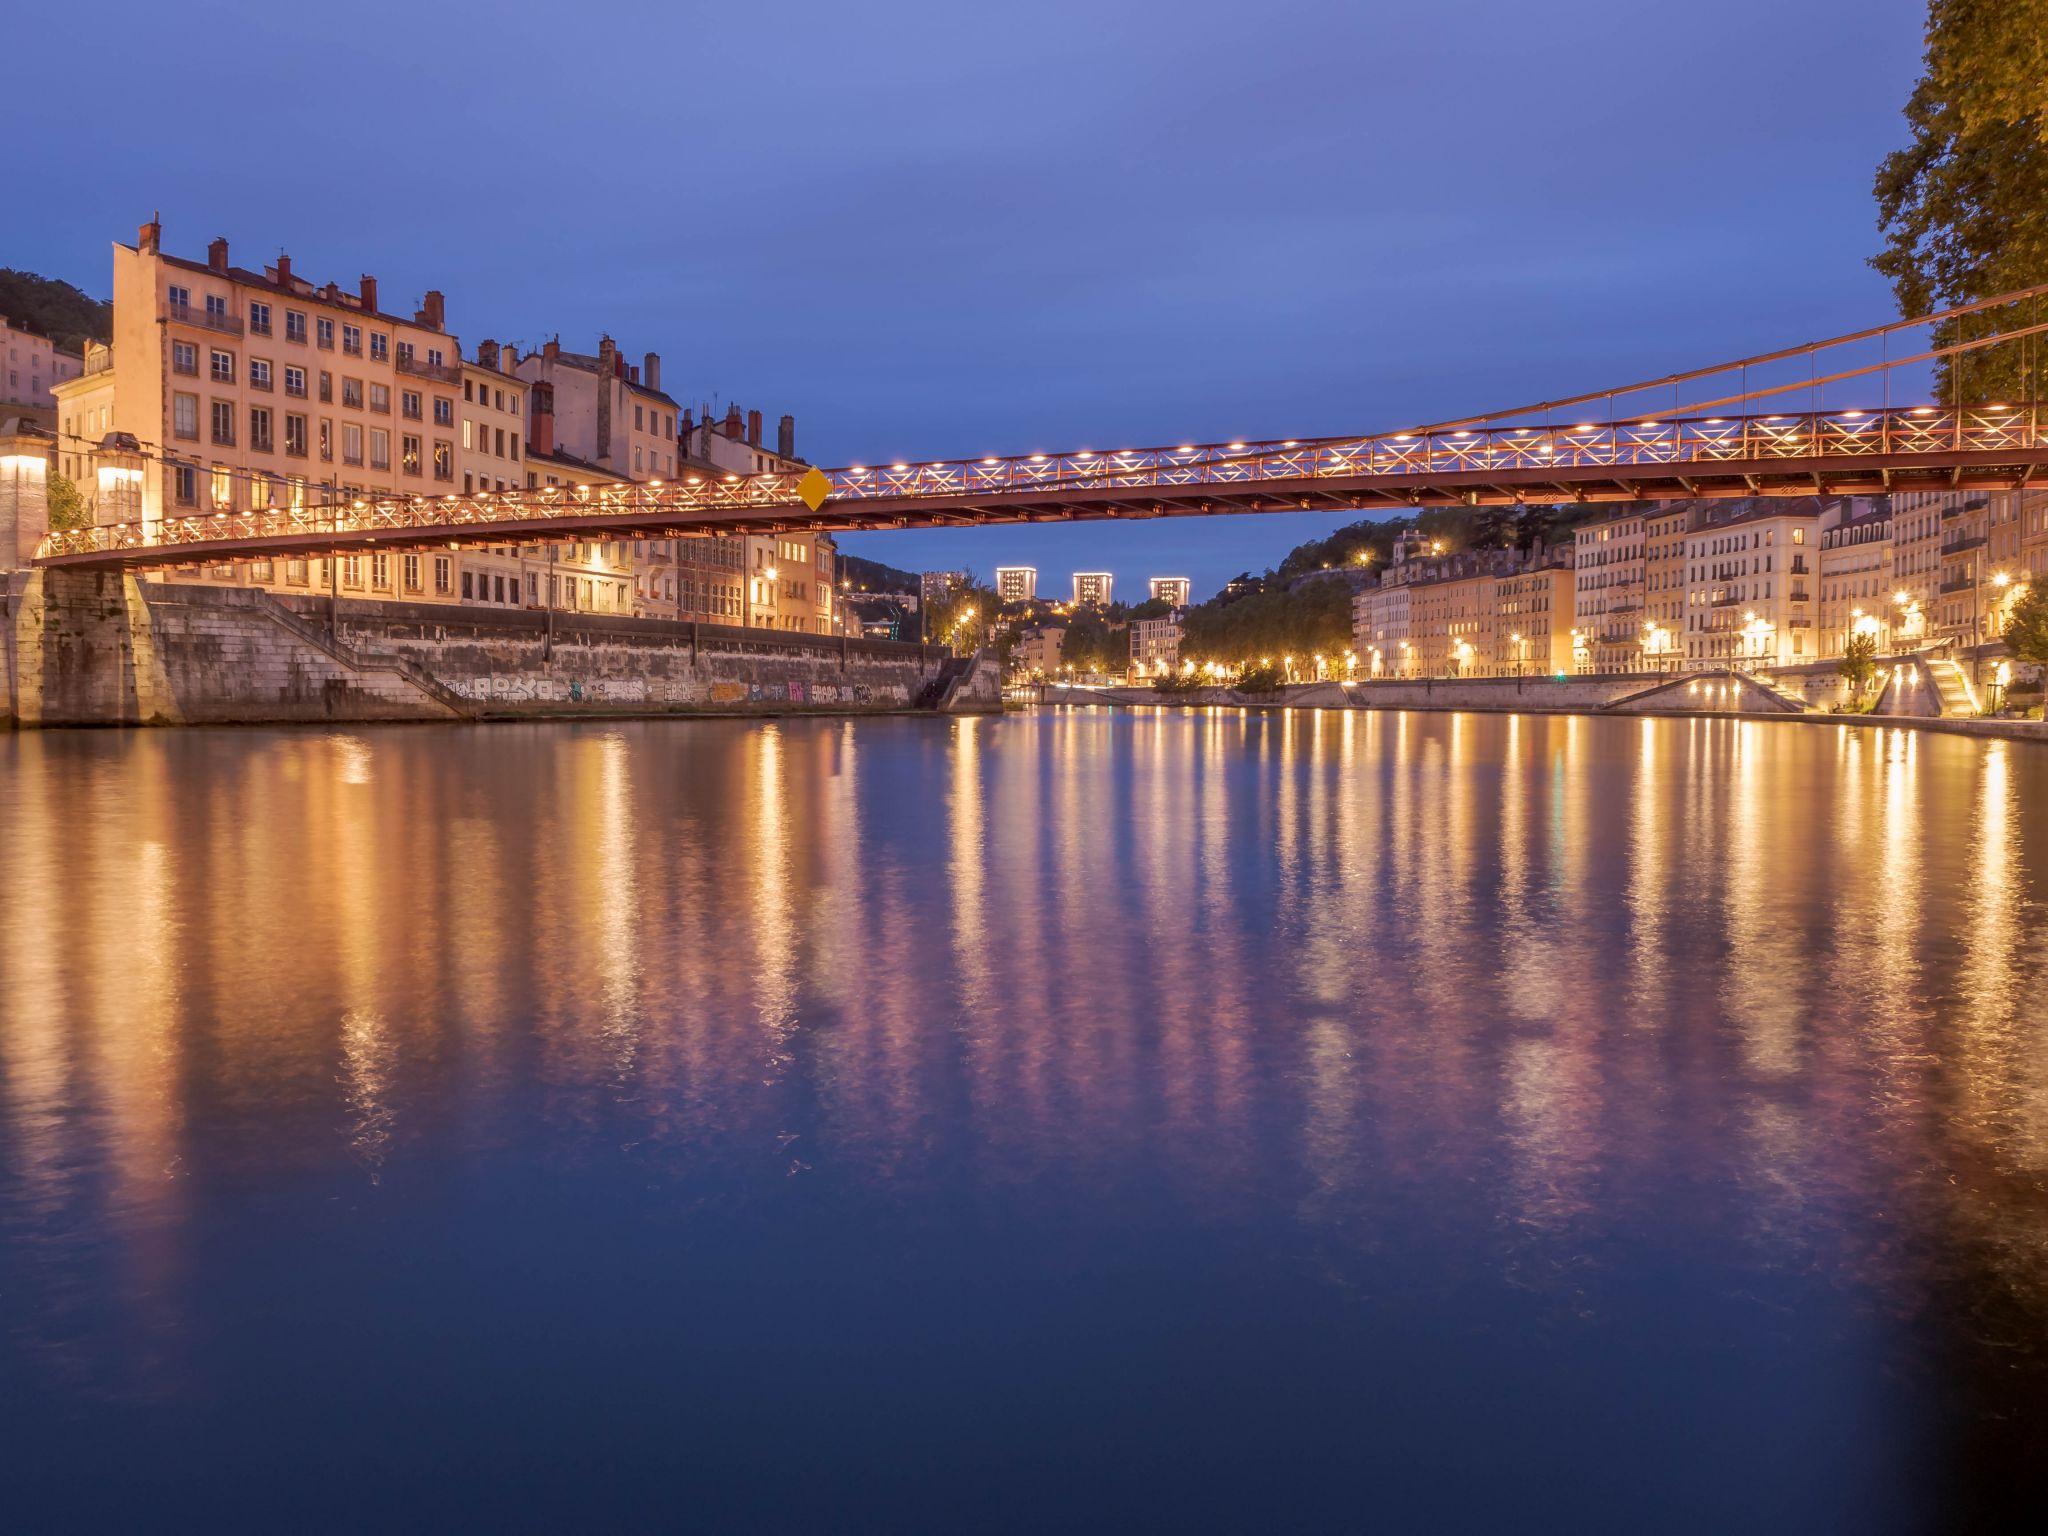 Lyon - Saône de Saint-Vincent, France